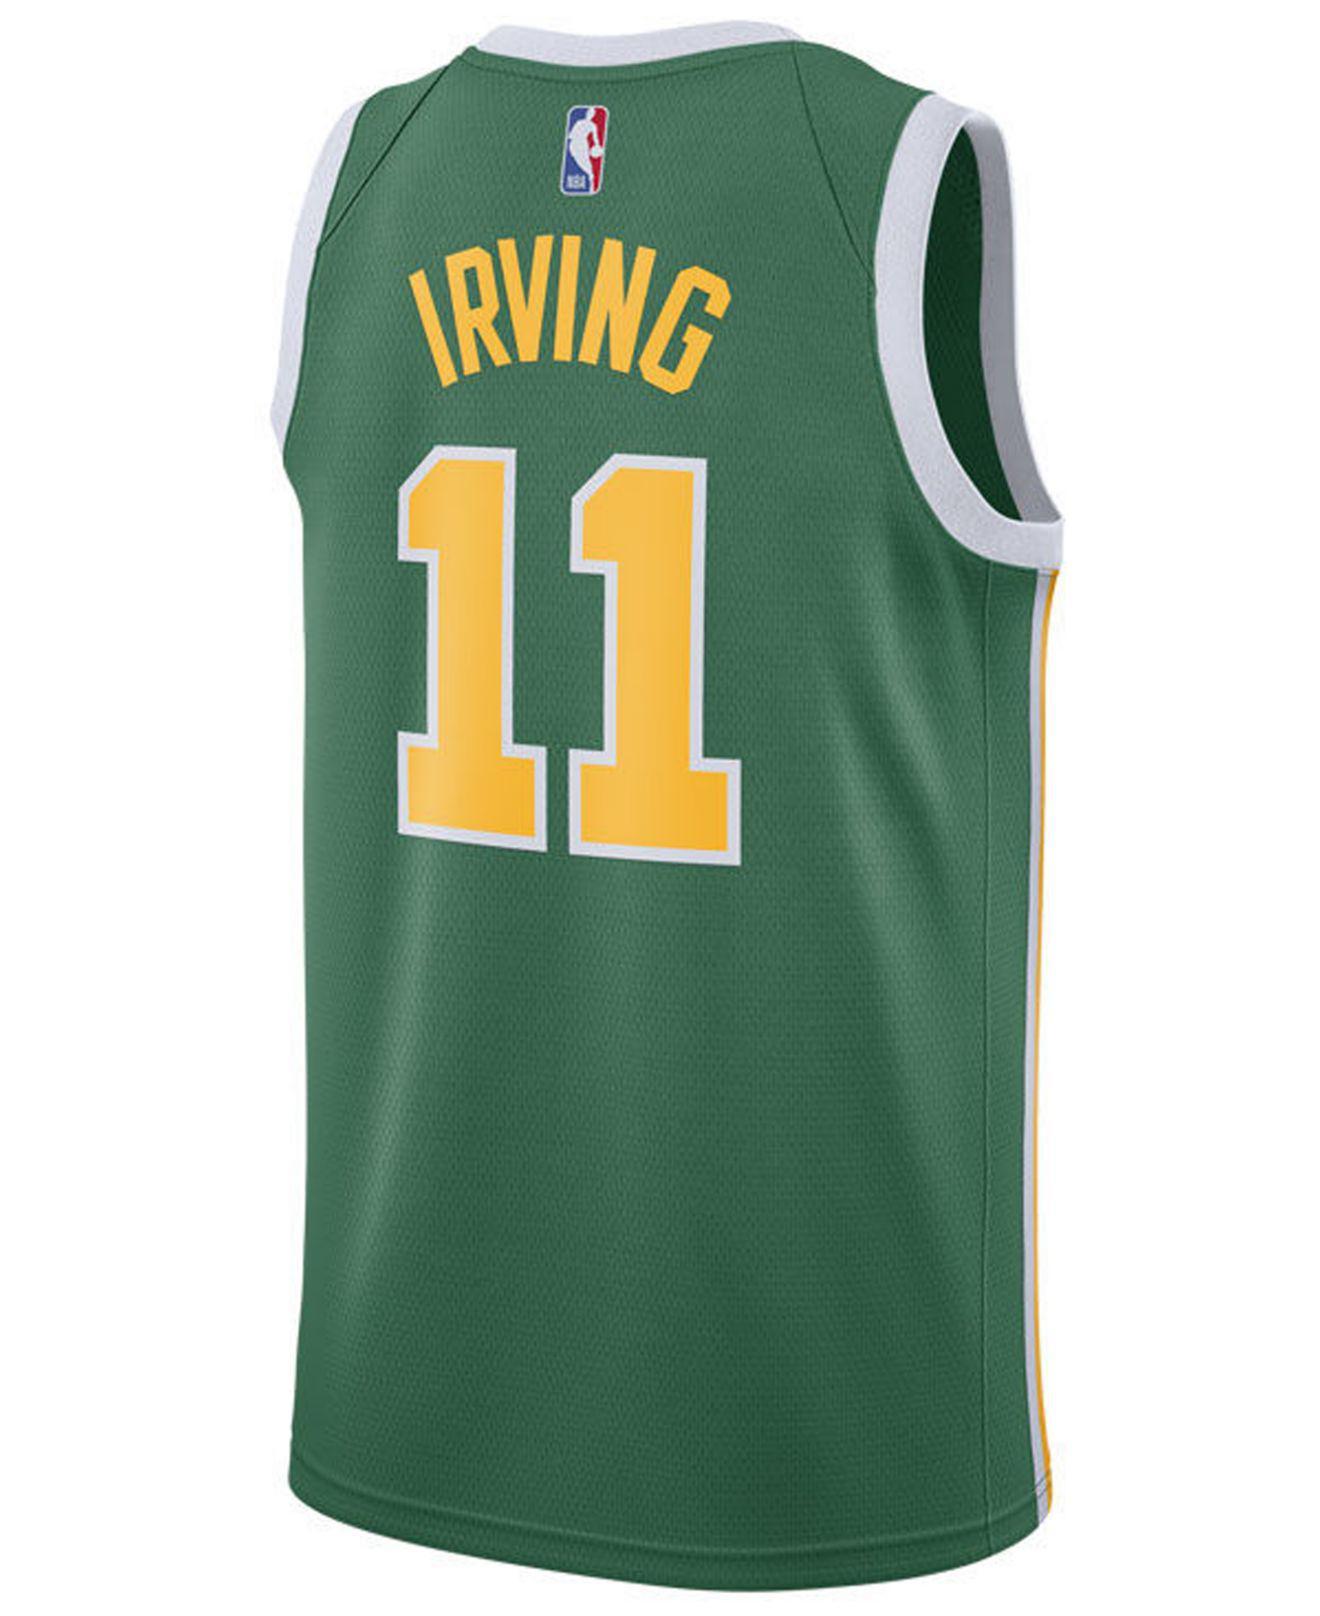 53d0b54628a Nike. Men s Green Kyrie Irving Boston Celtics Earned Edition Swingman Jersey